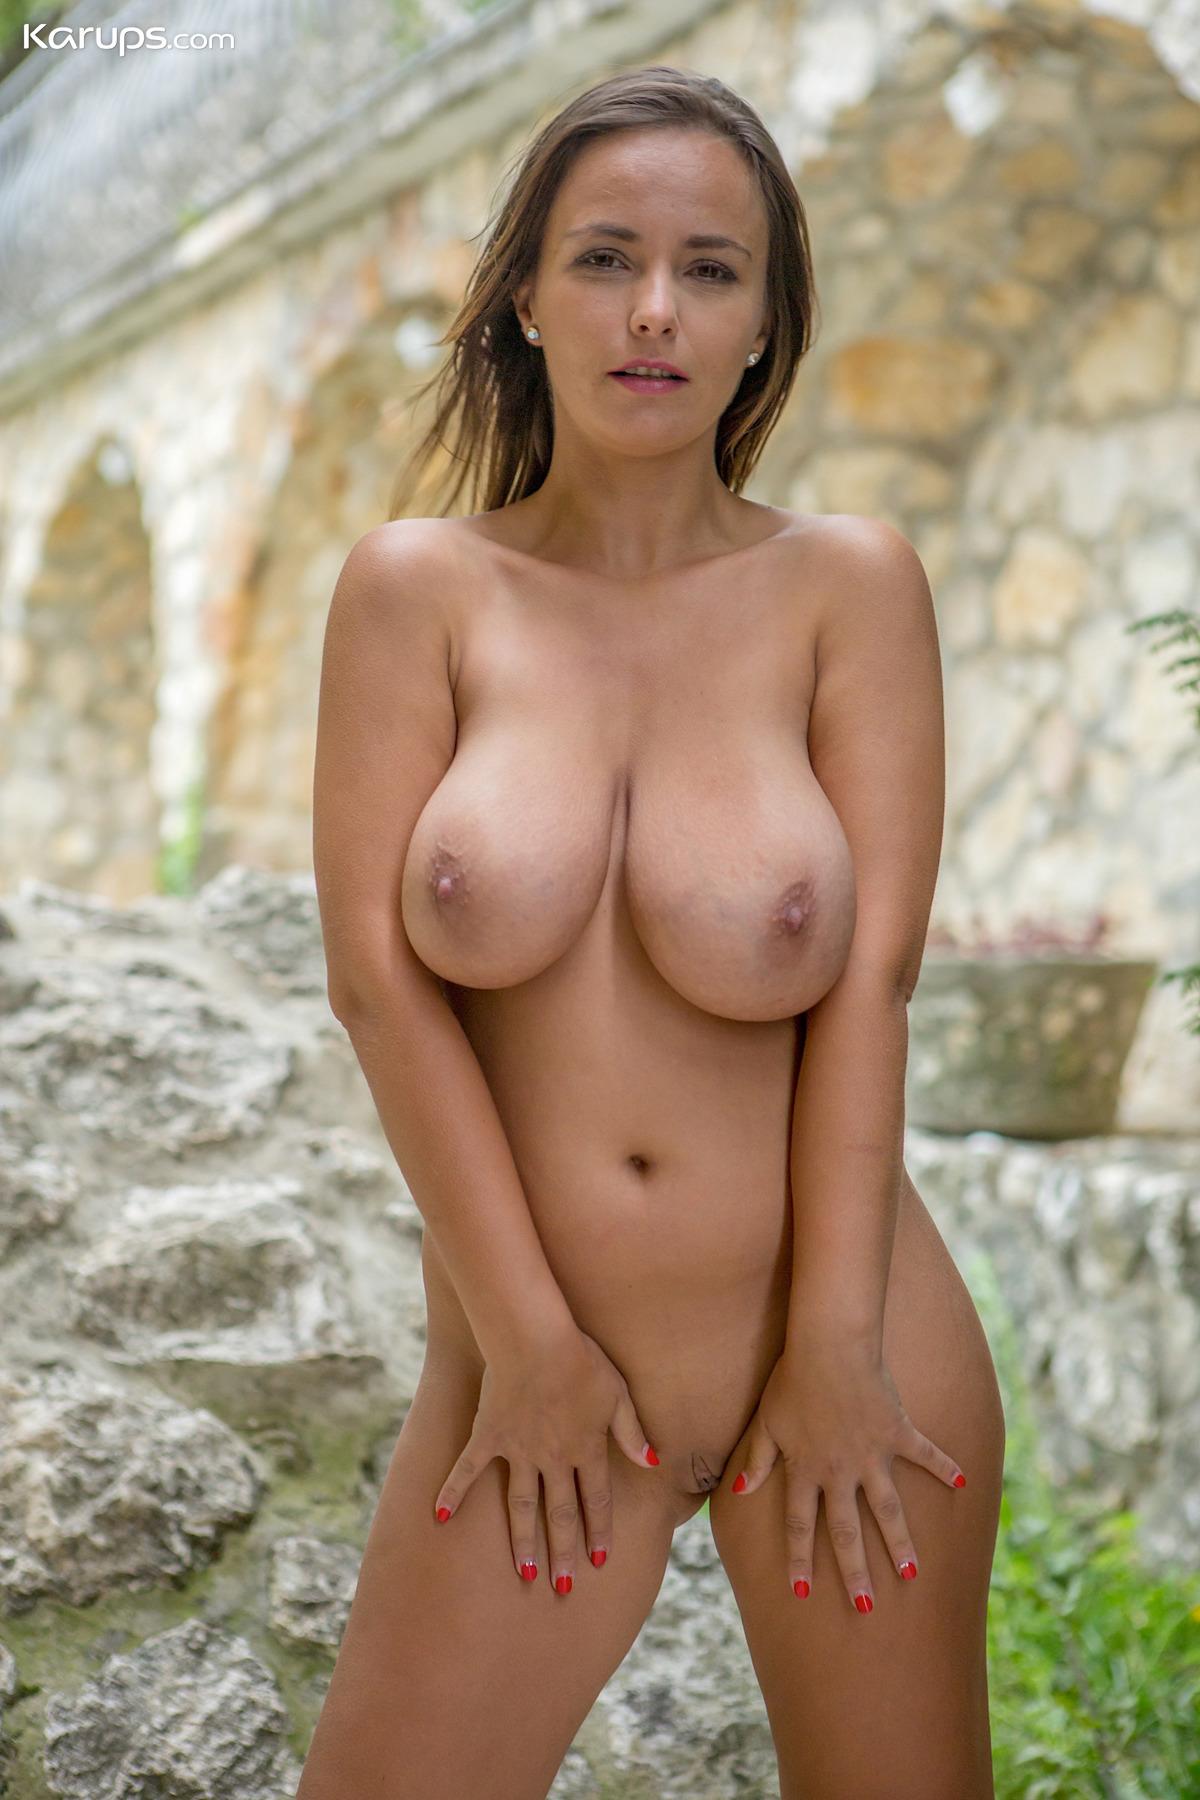 Natural tits milf Natural: 103,246